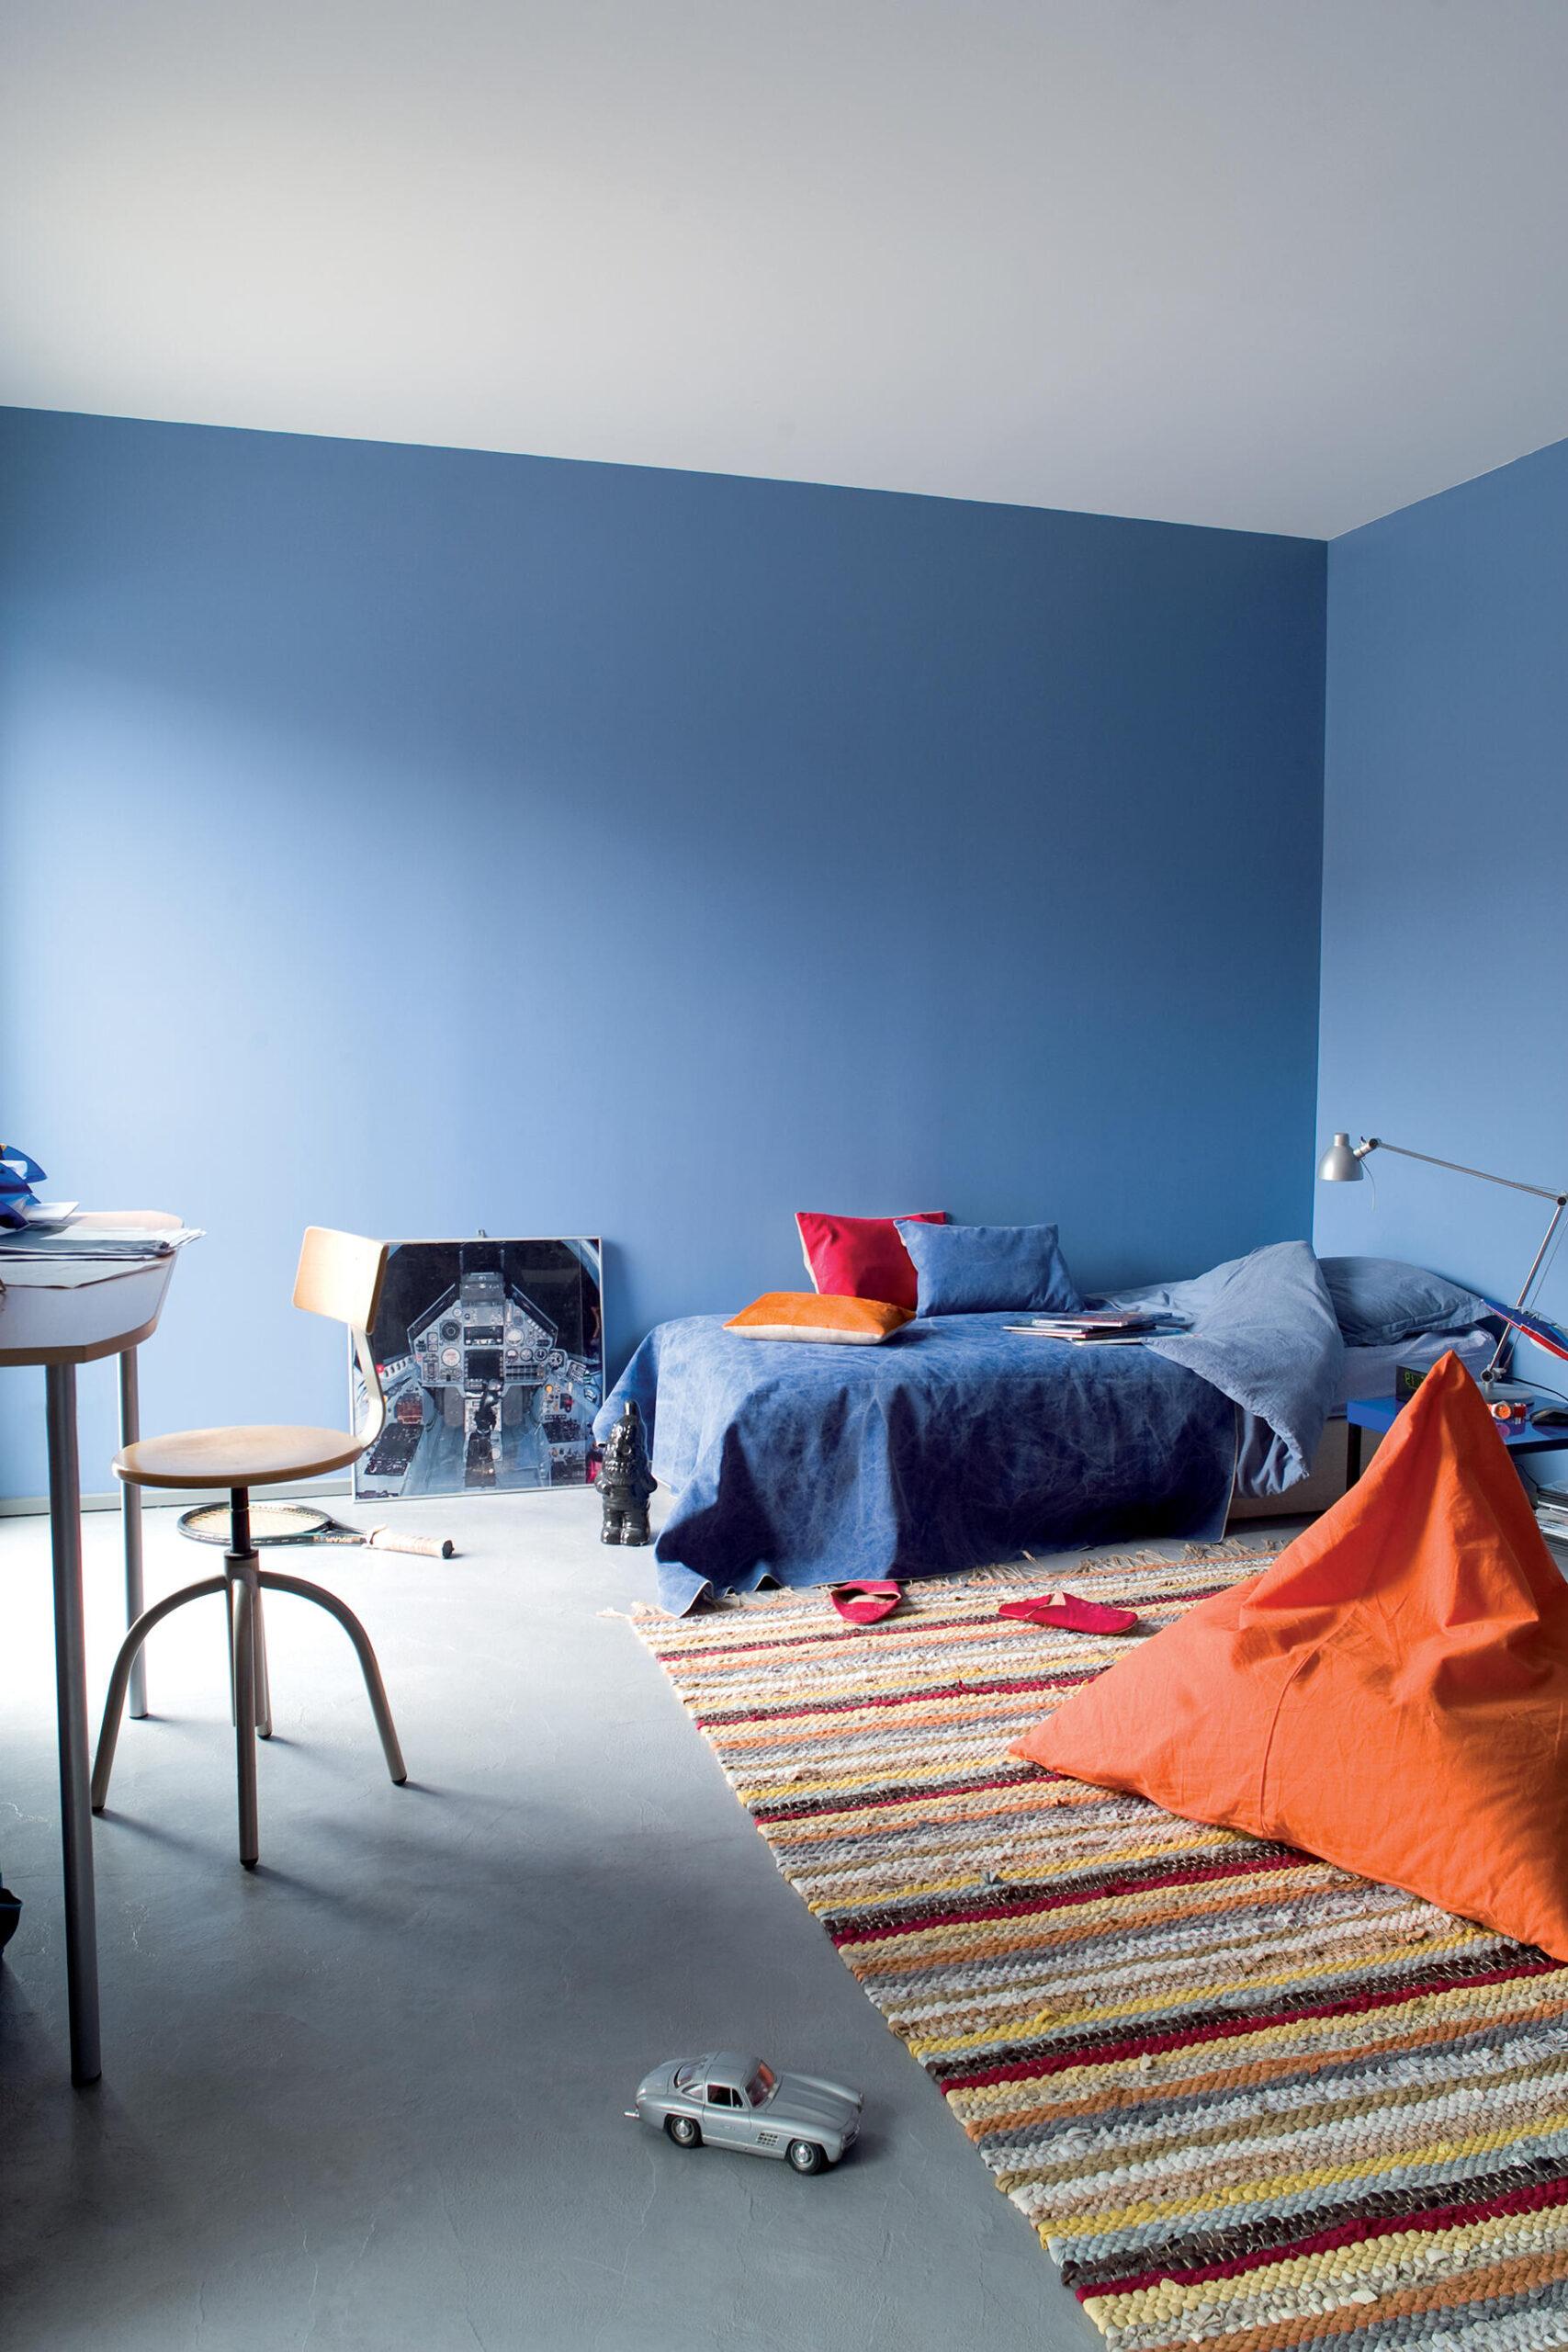 Quelle couleur pour la chambre d'un garçon ?